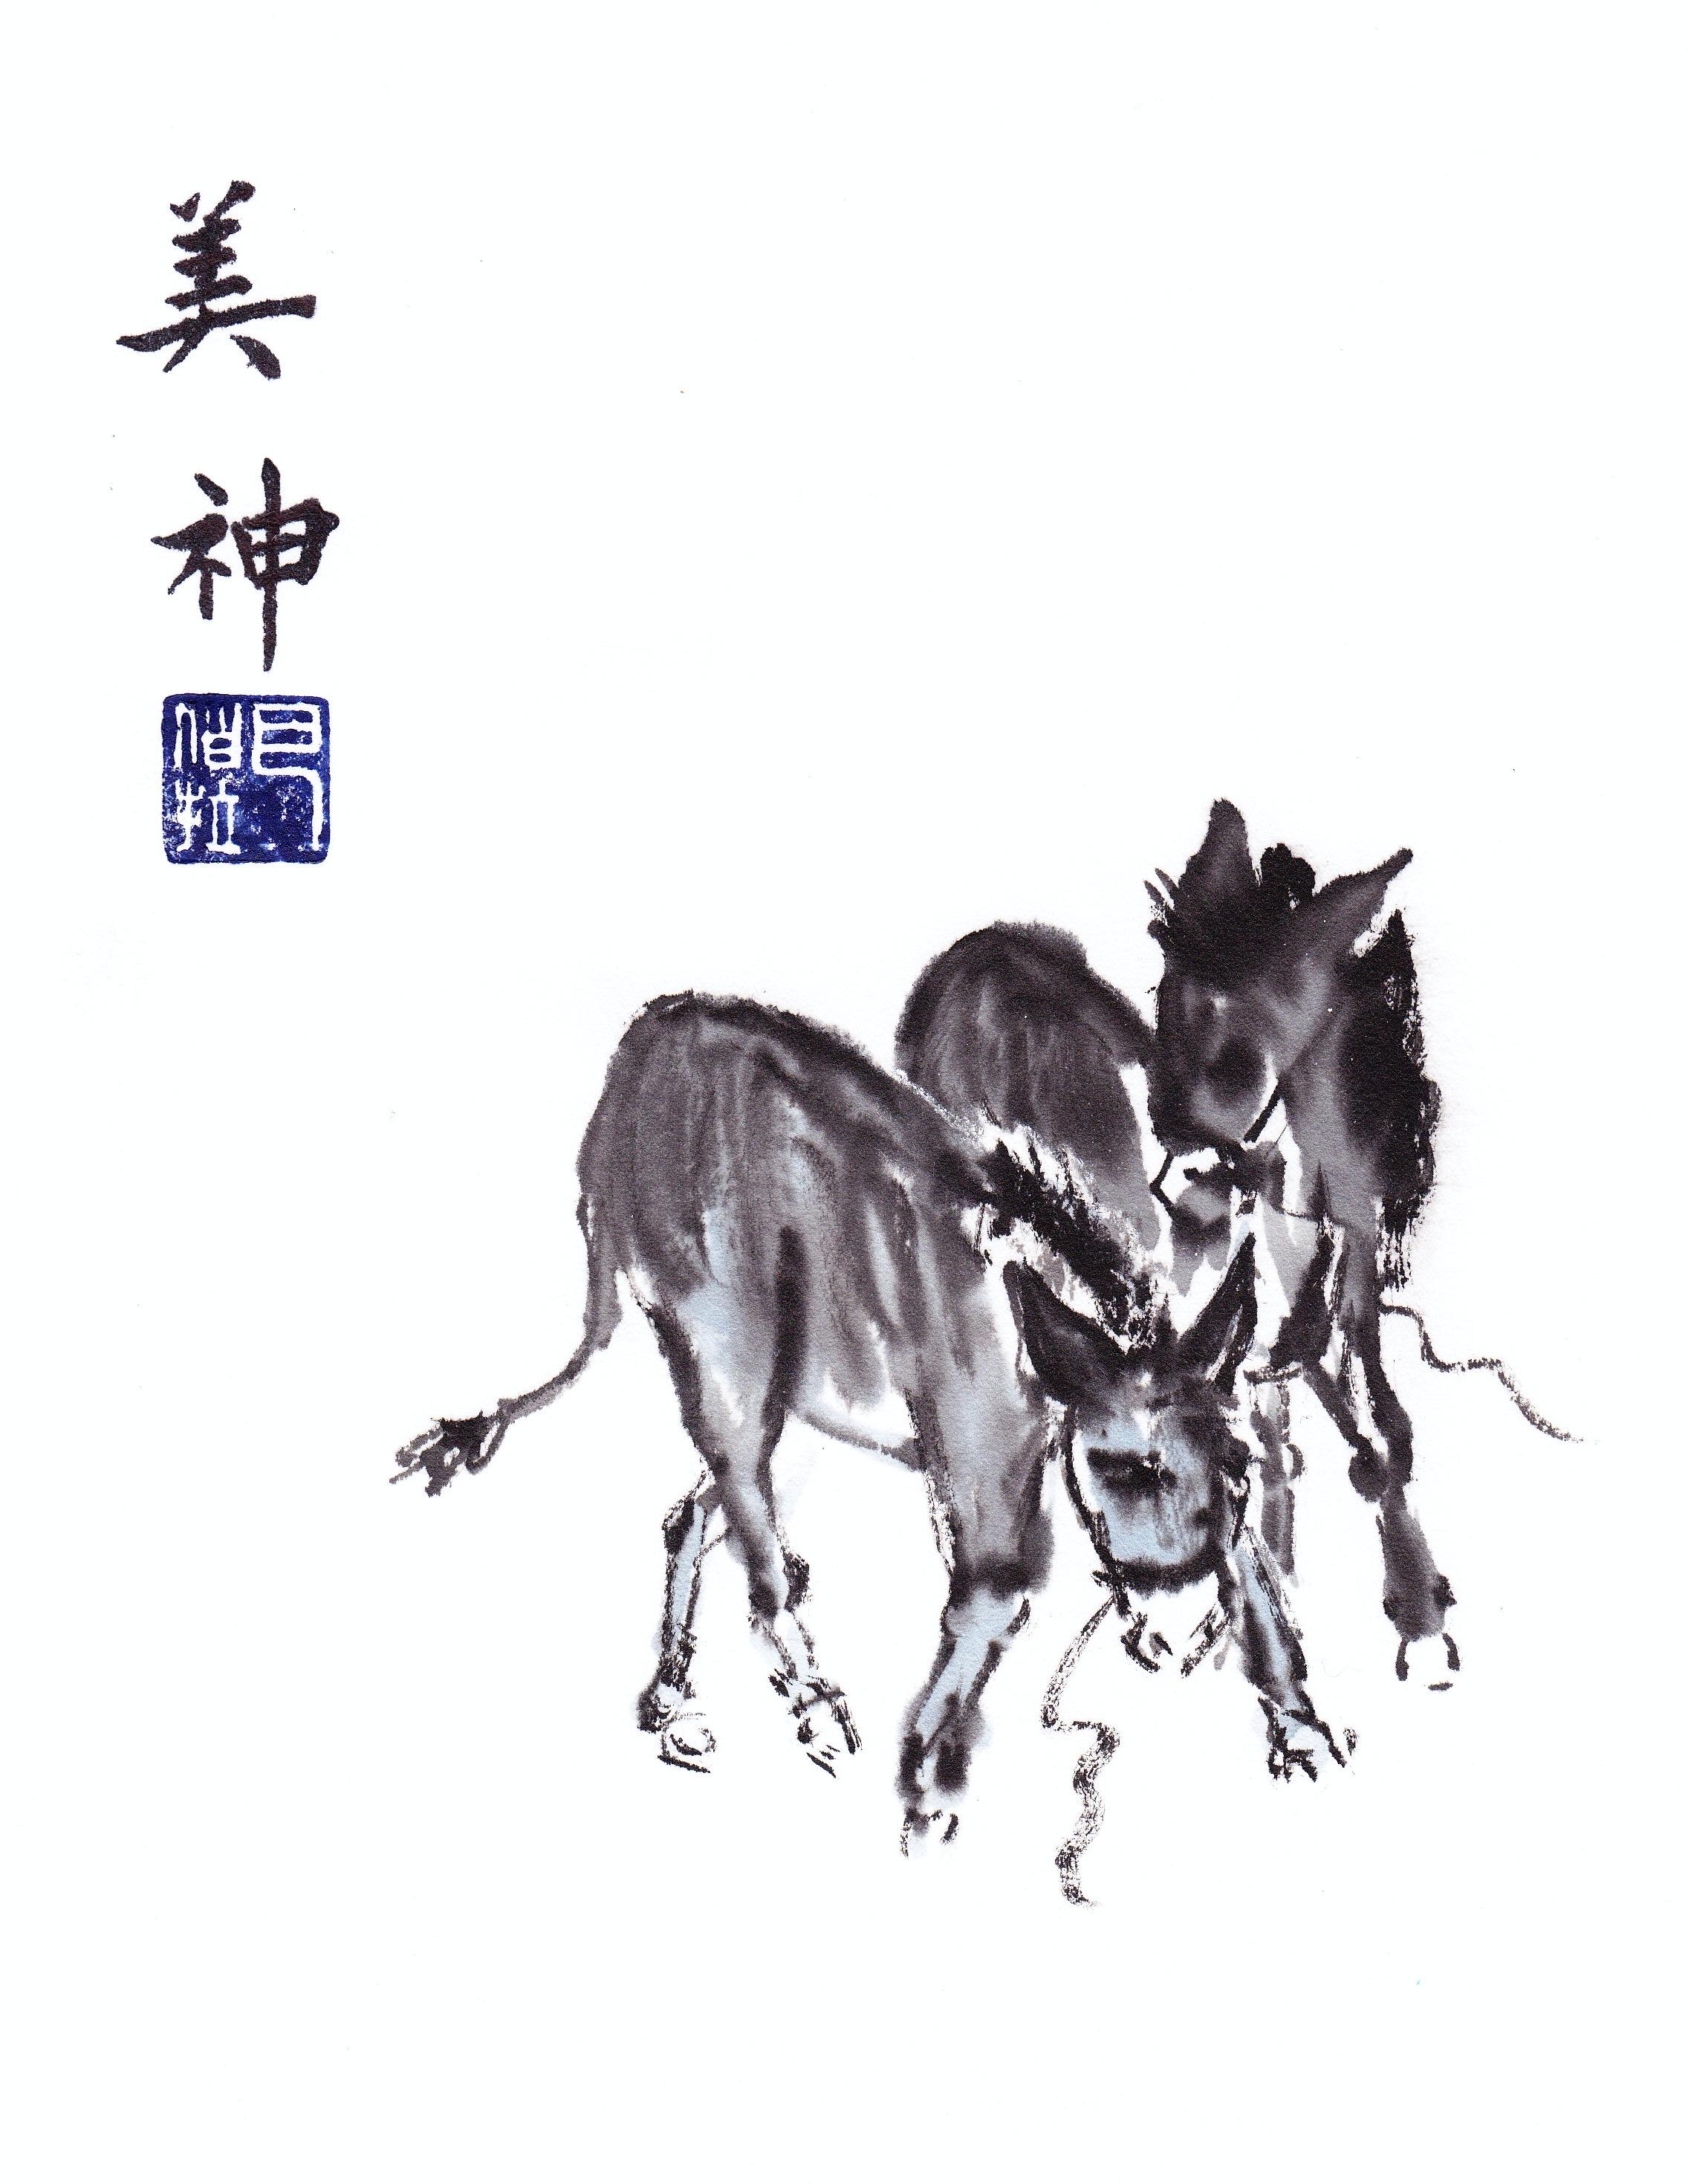 Donkey Is Iron